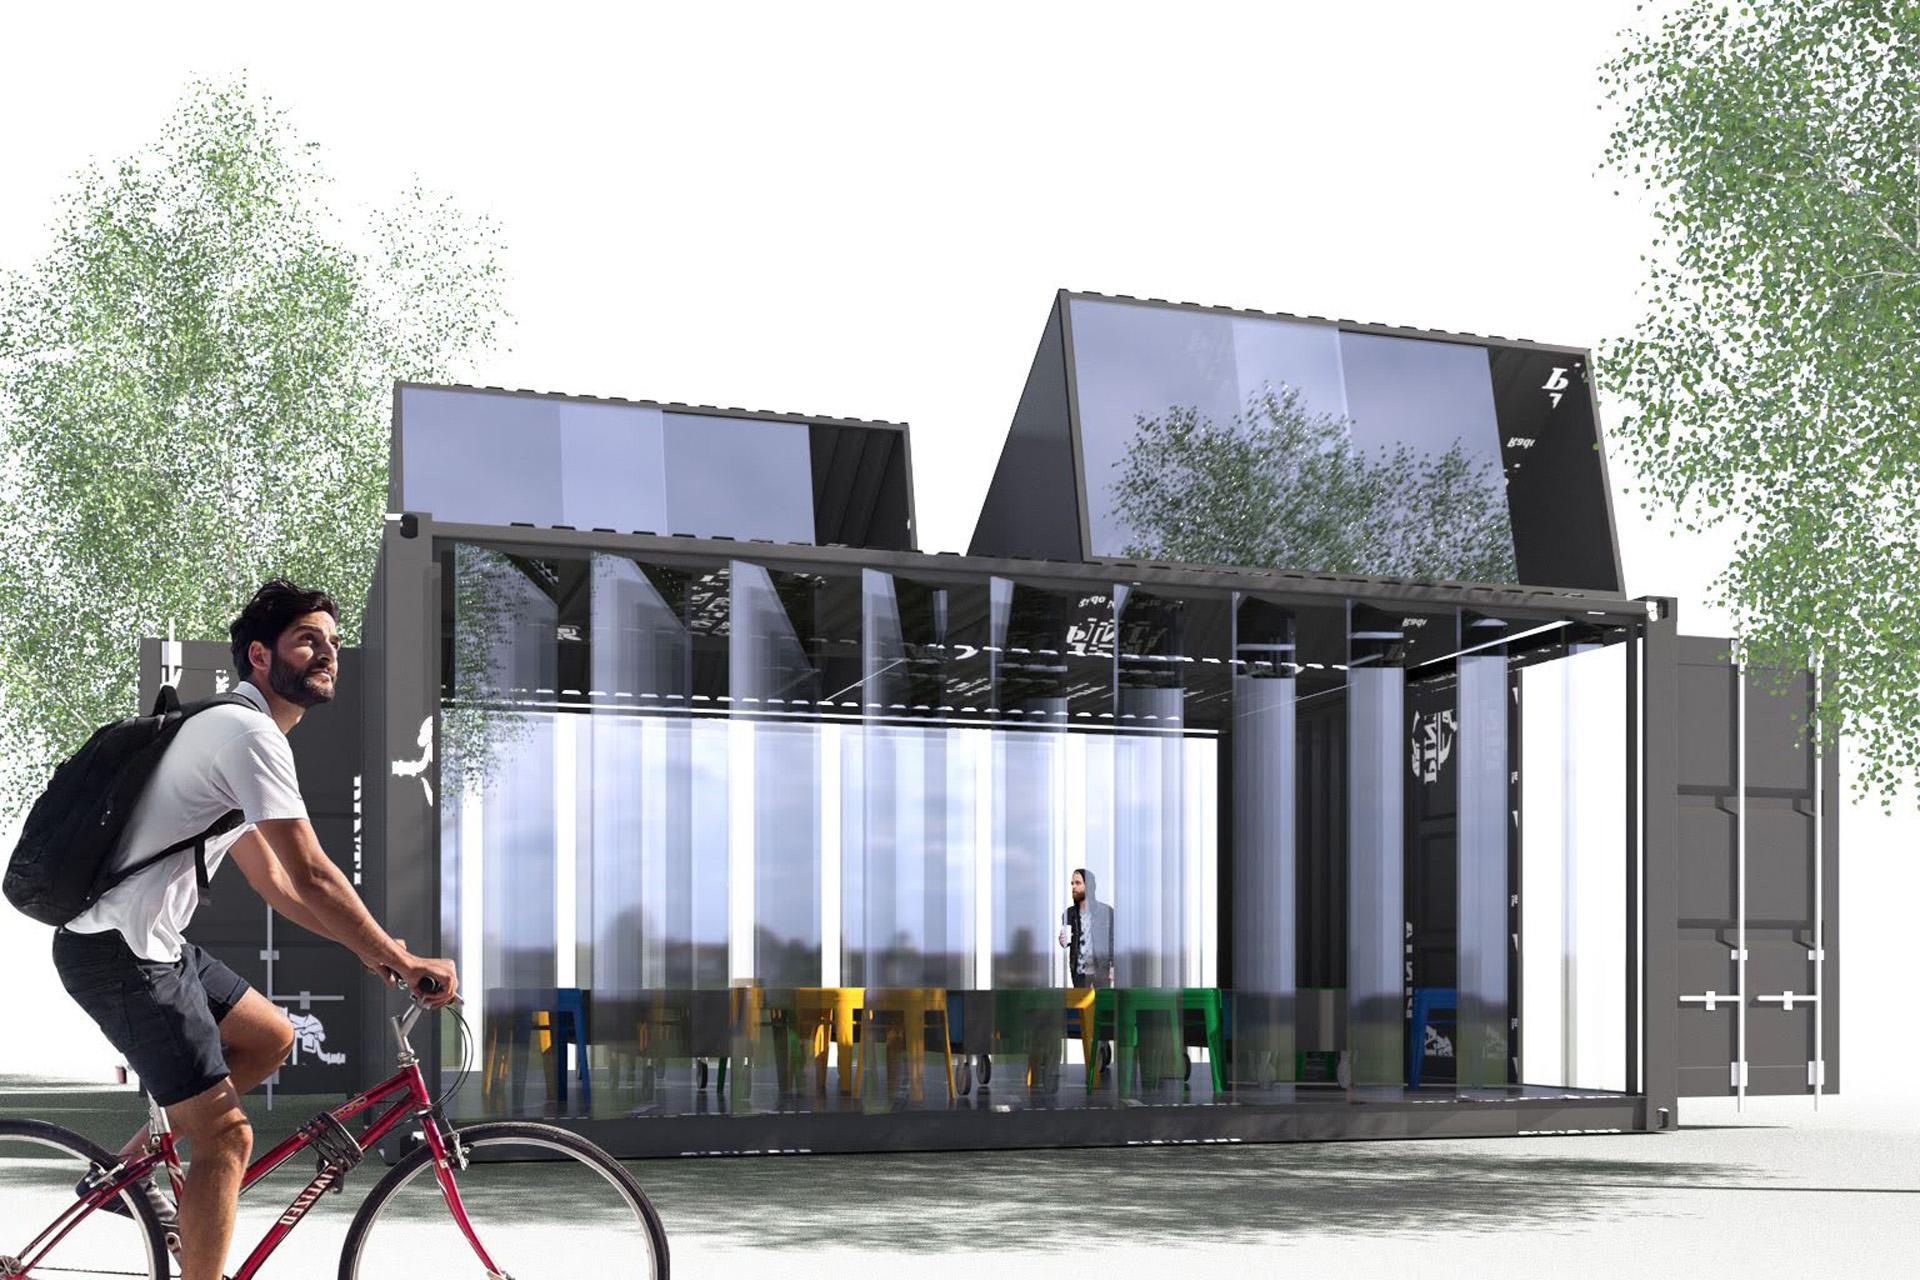 Całoroczny ogródek piwny. Projekt BAZA architekci.